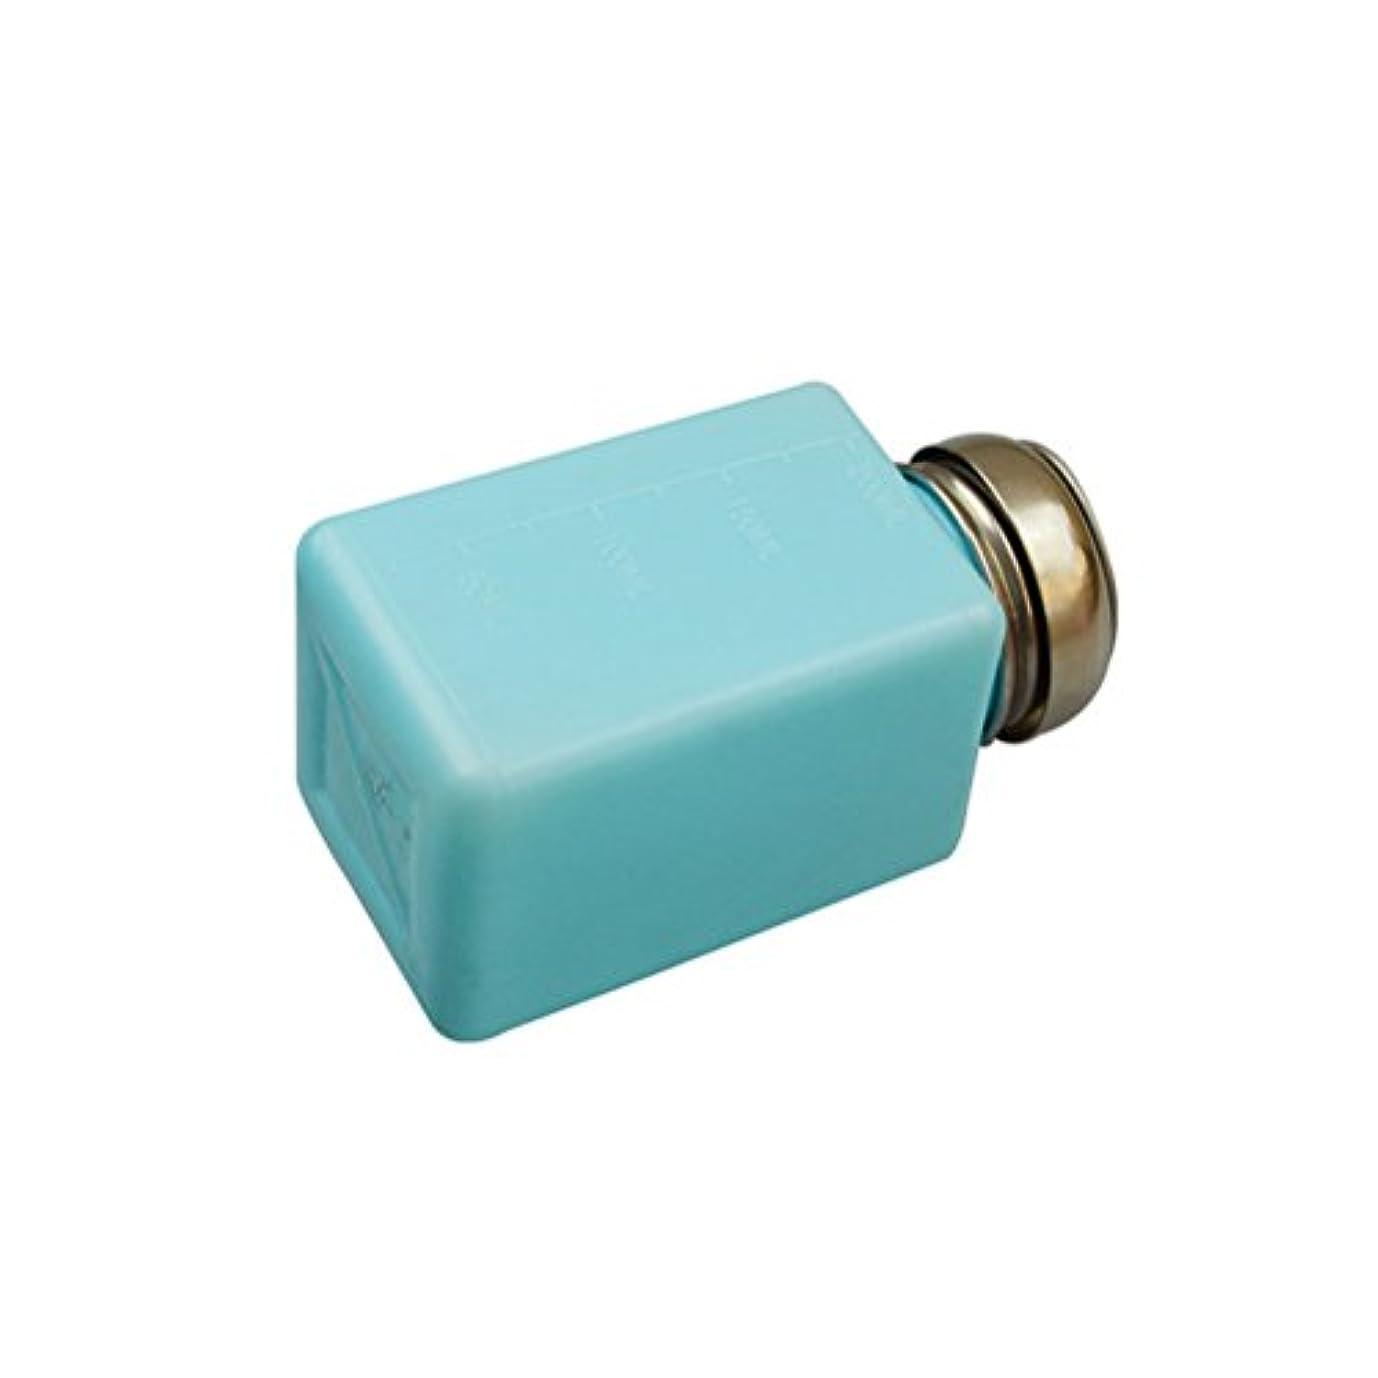 ヨーロッパ天使納税者BESTOMZ アルコールボトル 便利 クレンジングオイル 小分け容器 静電防止 200ML(青)